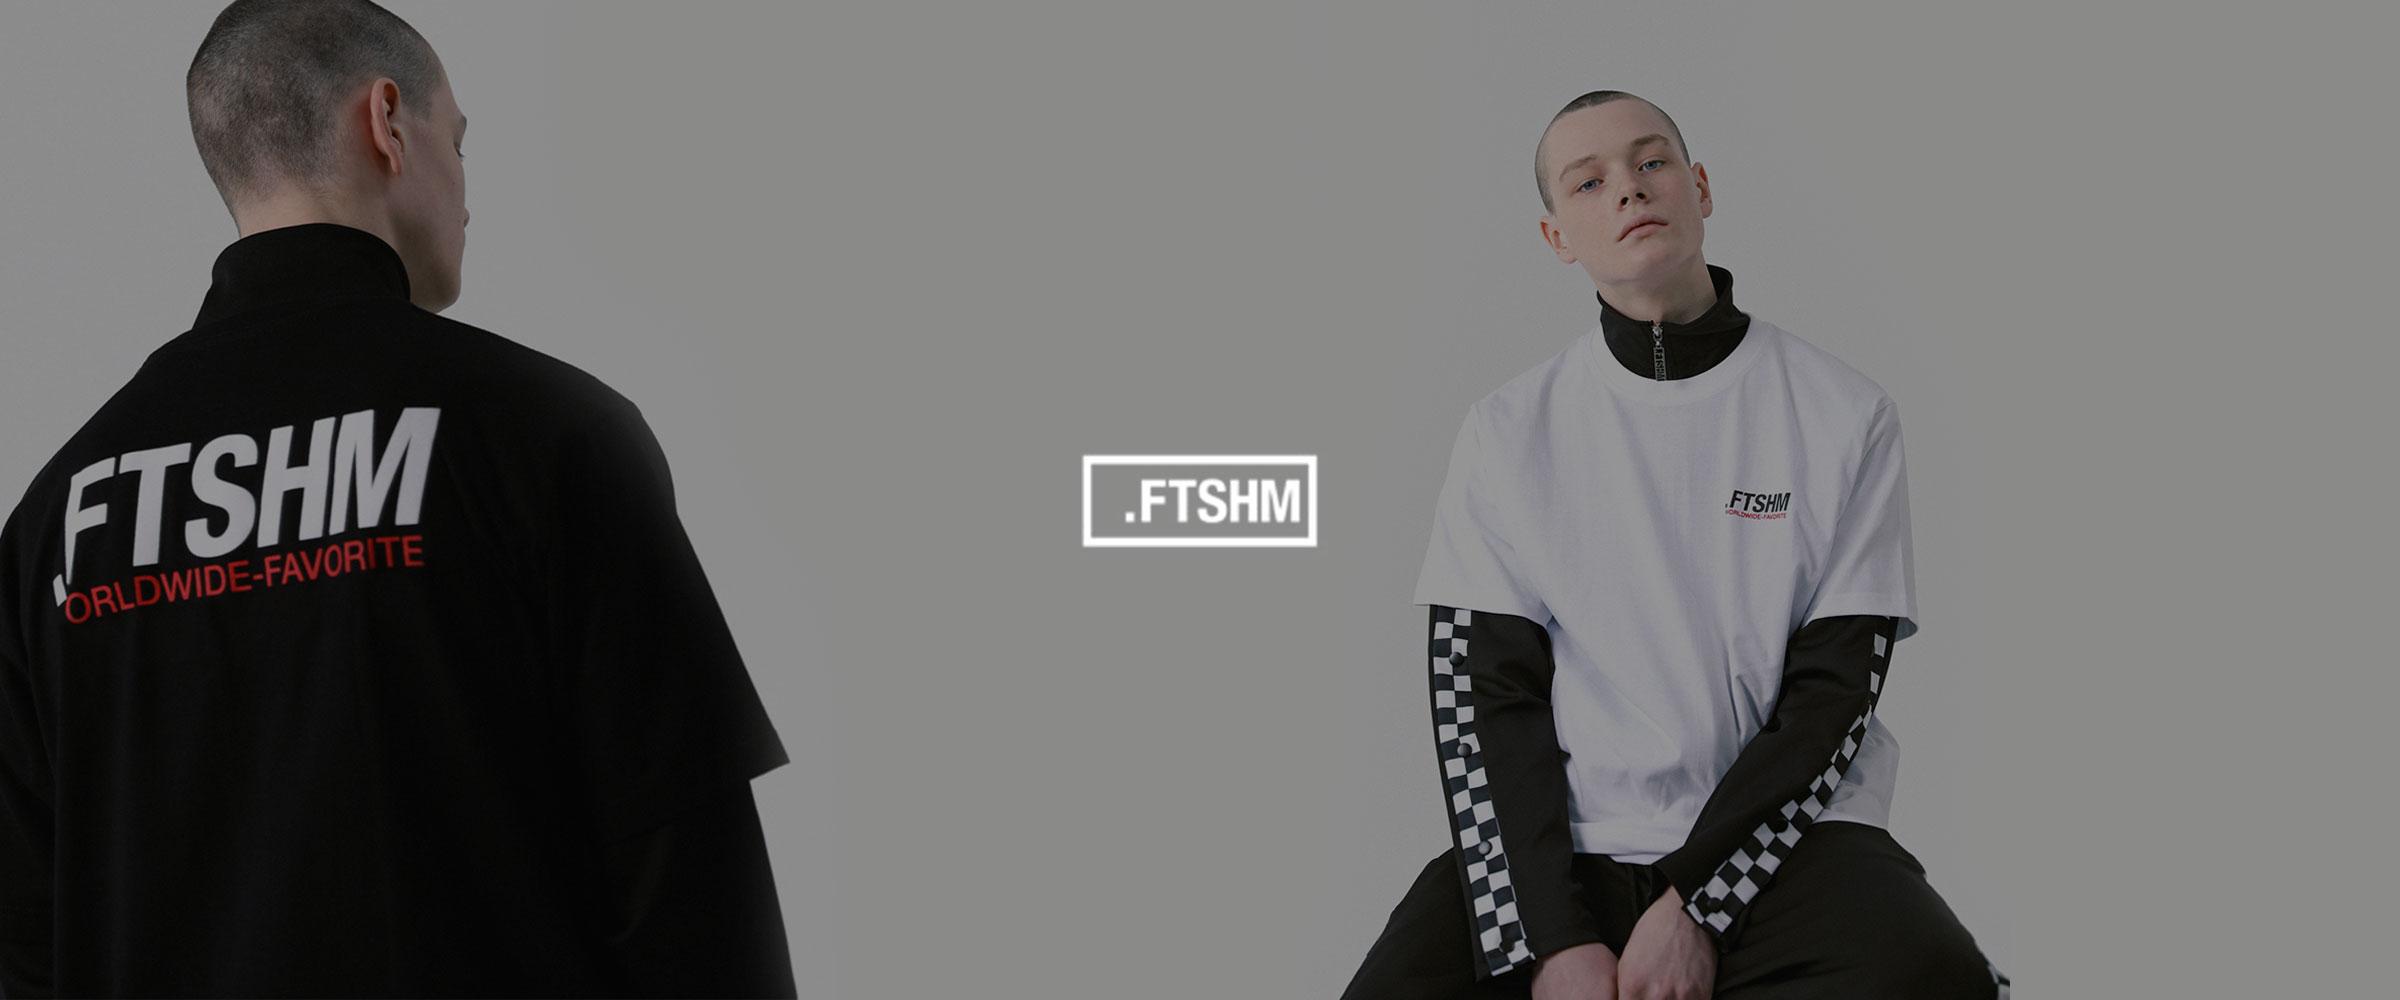 ftshm.jpg